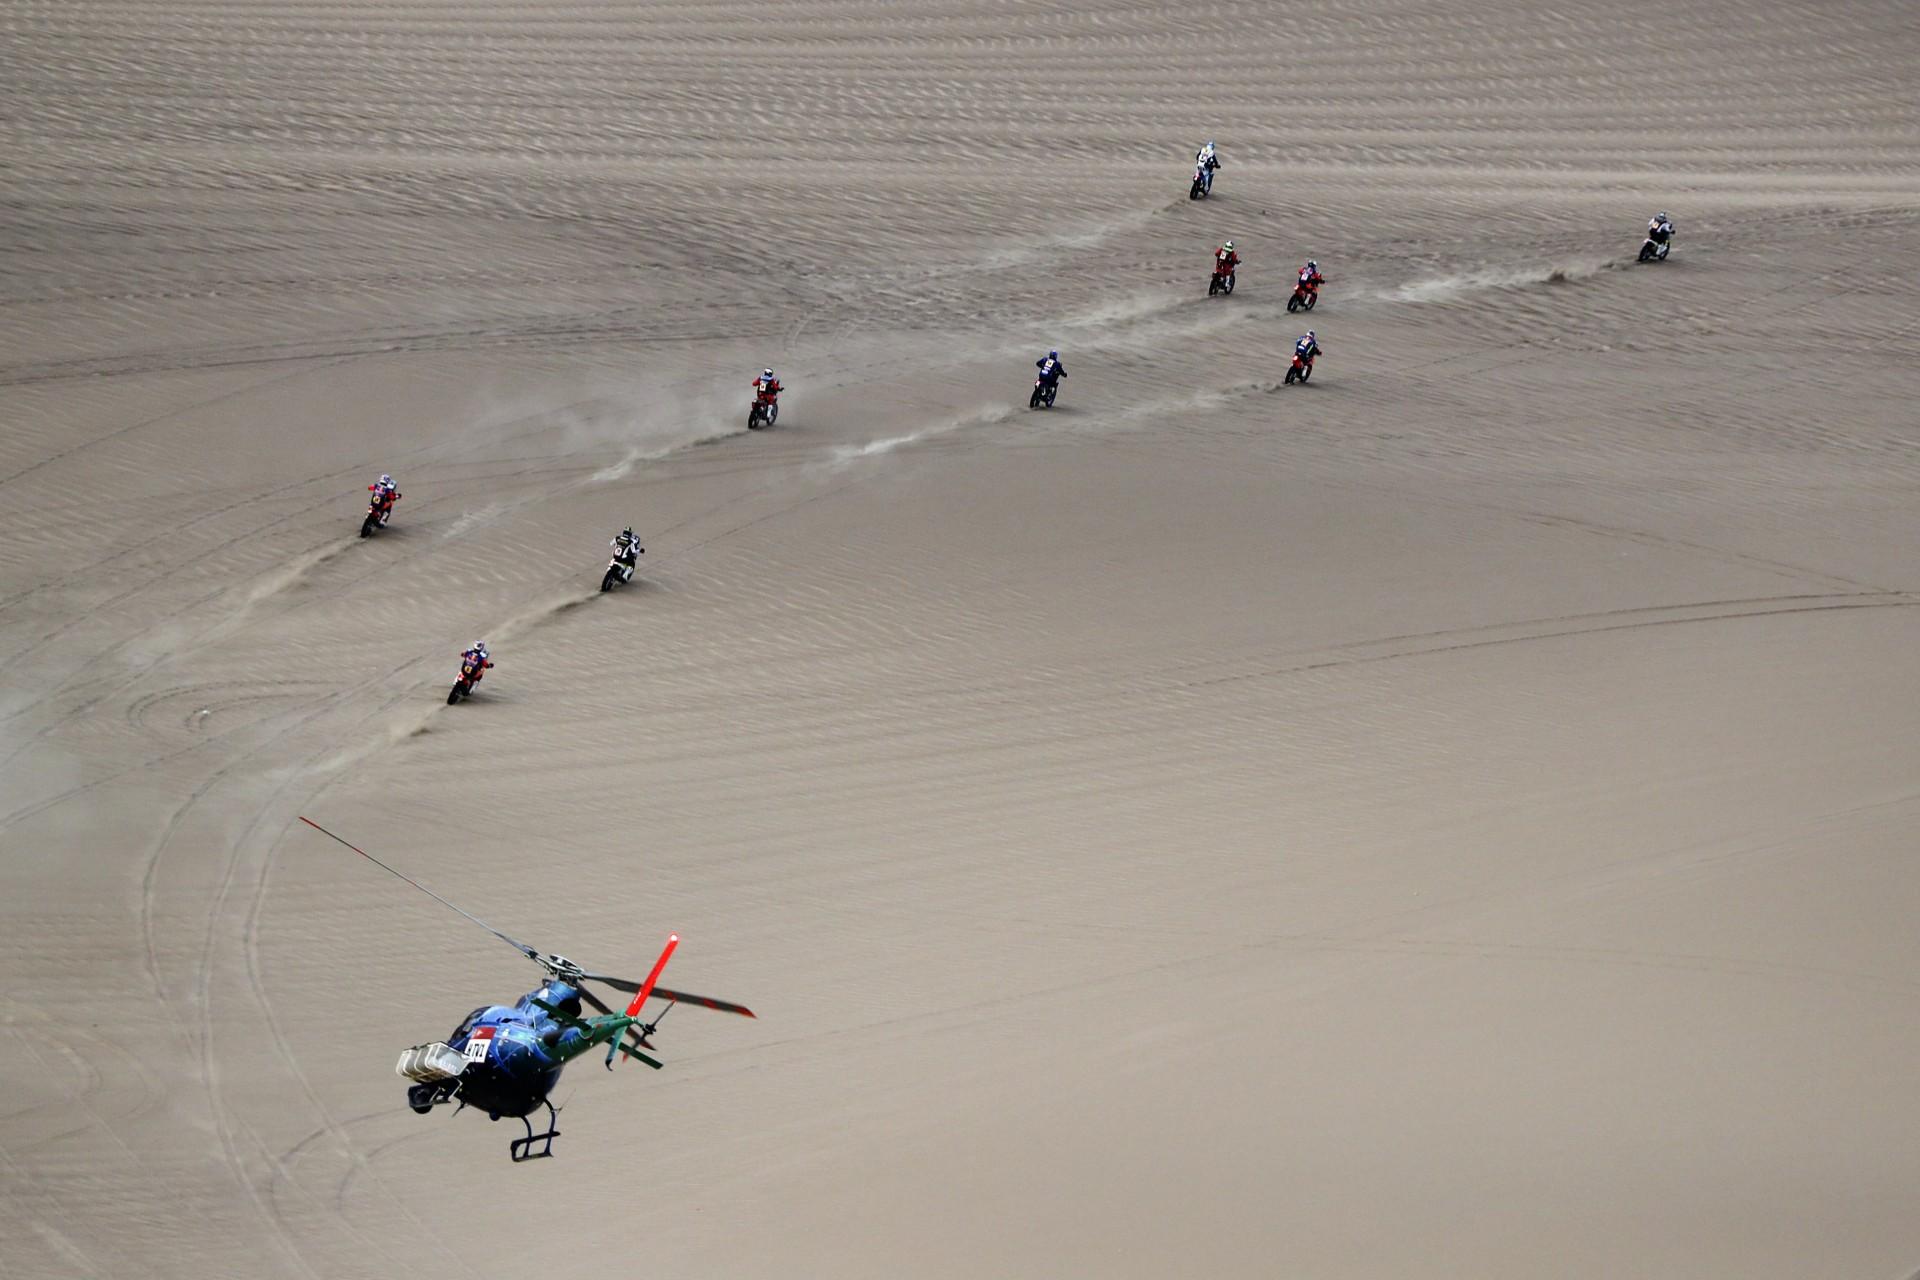 Los competidores viajan en sus motos durante la etapa nueve del Rally Dakar en Pisco, Perú, miércoles 16 de enero de 2019.